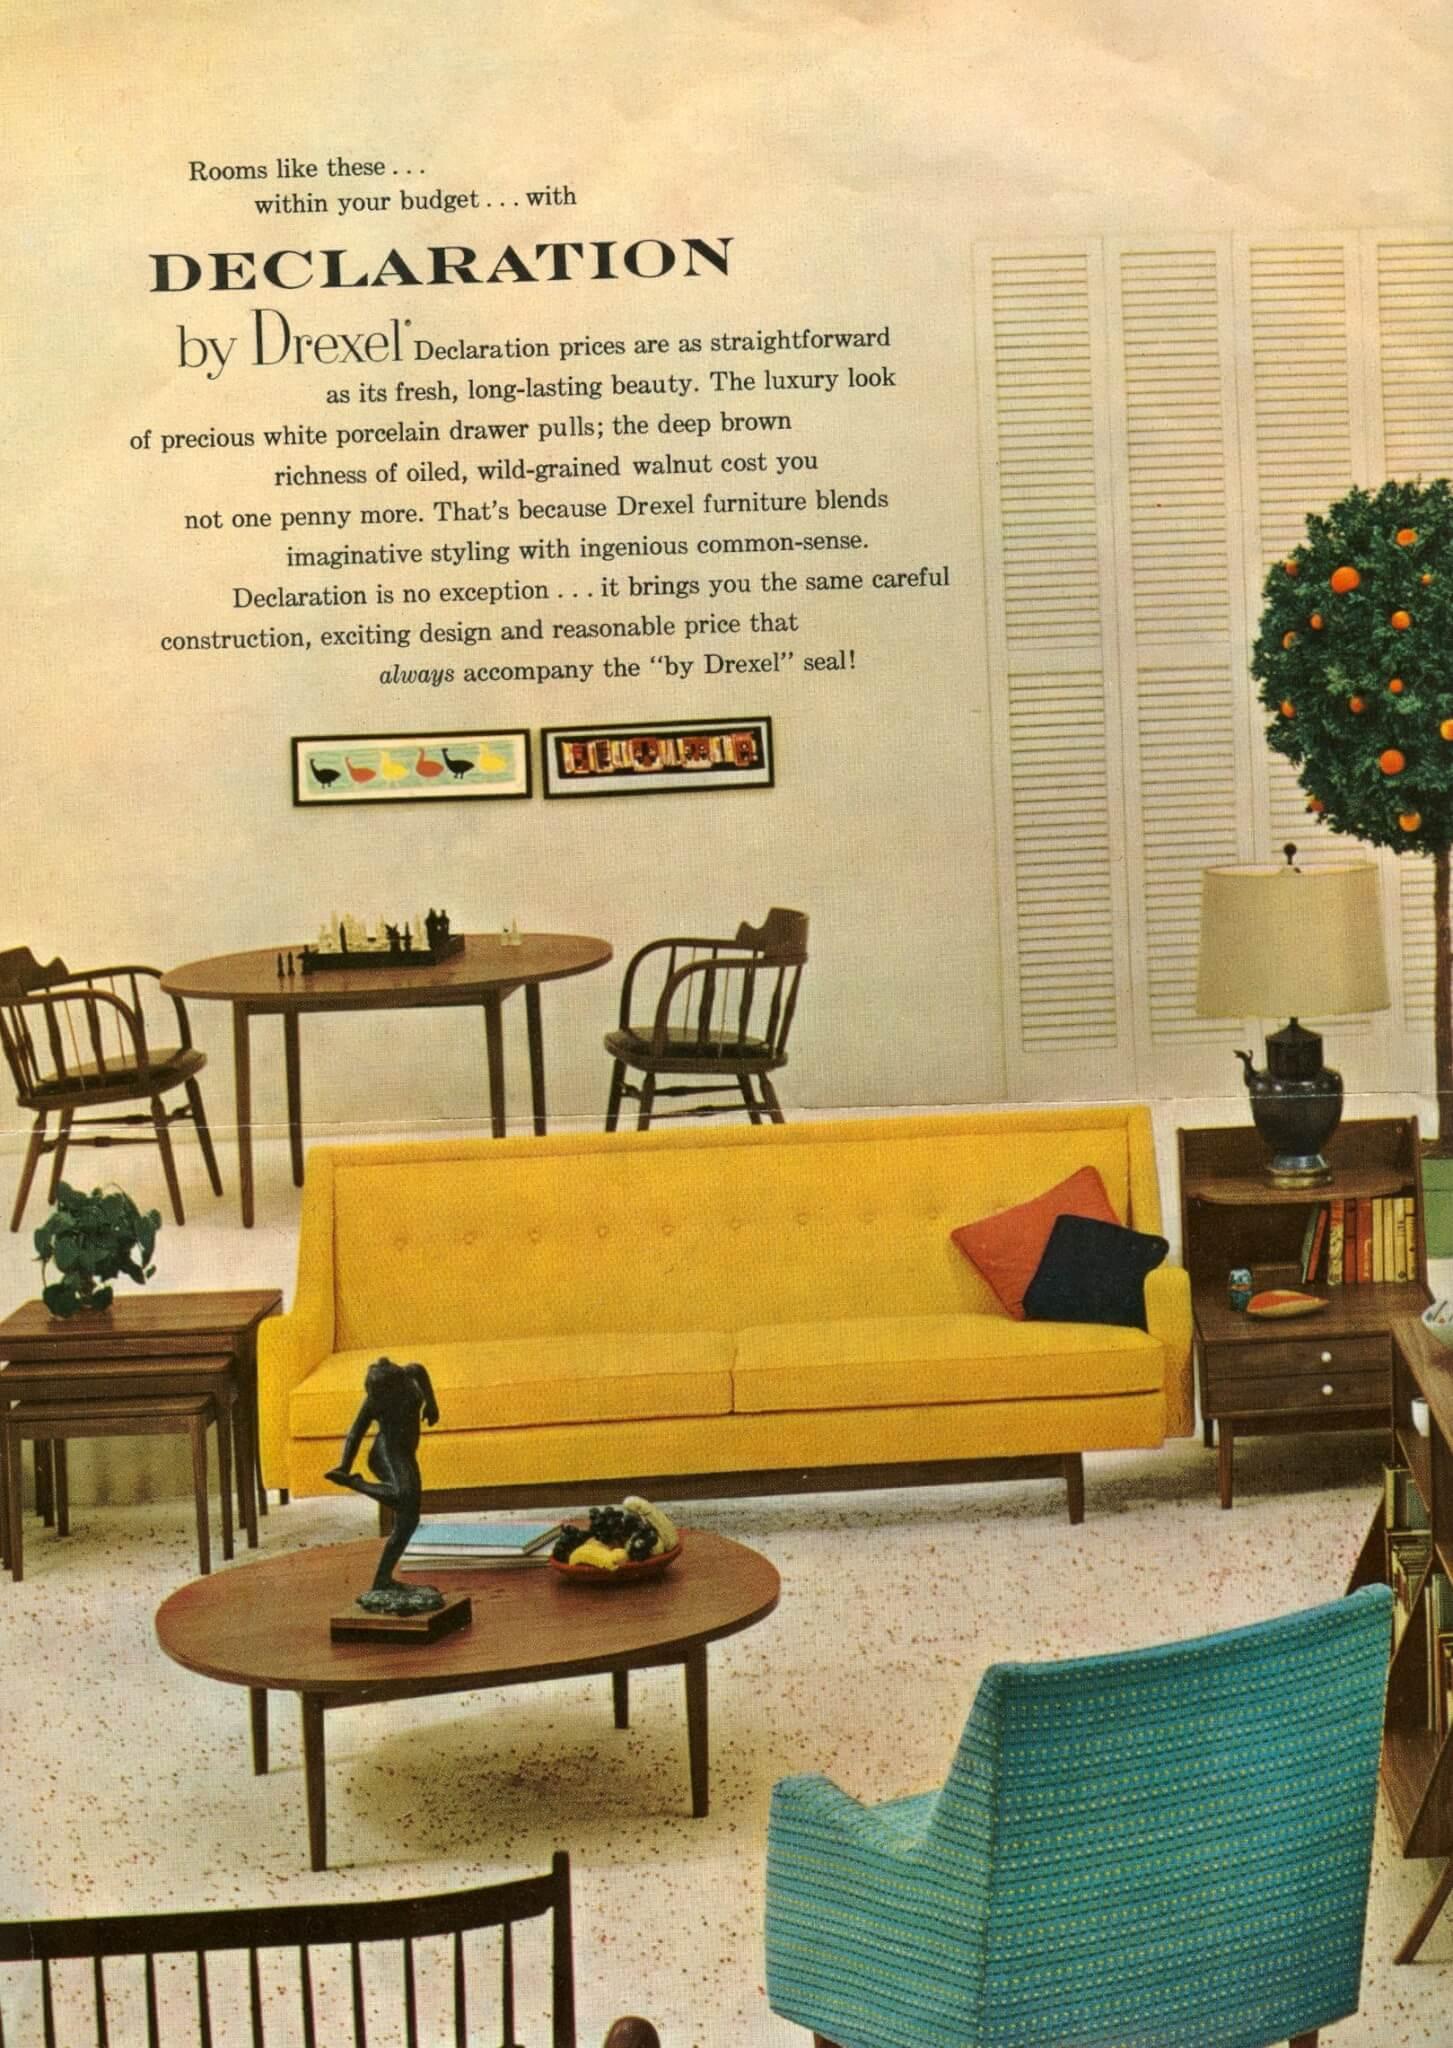 Vintage Drexel Declaration Furniture Catherine Sends Us